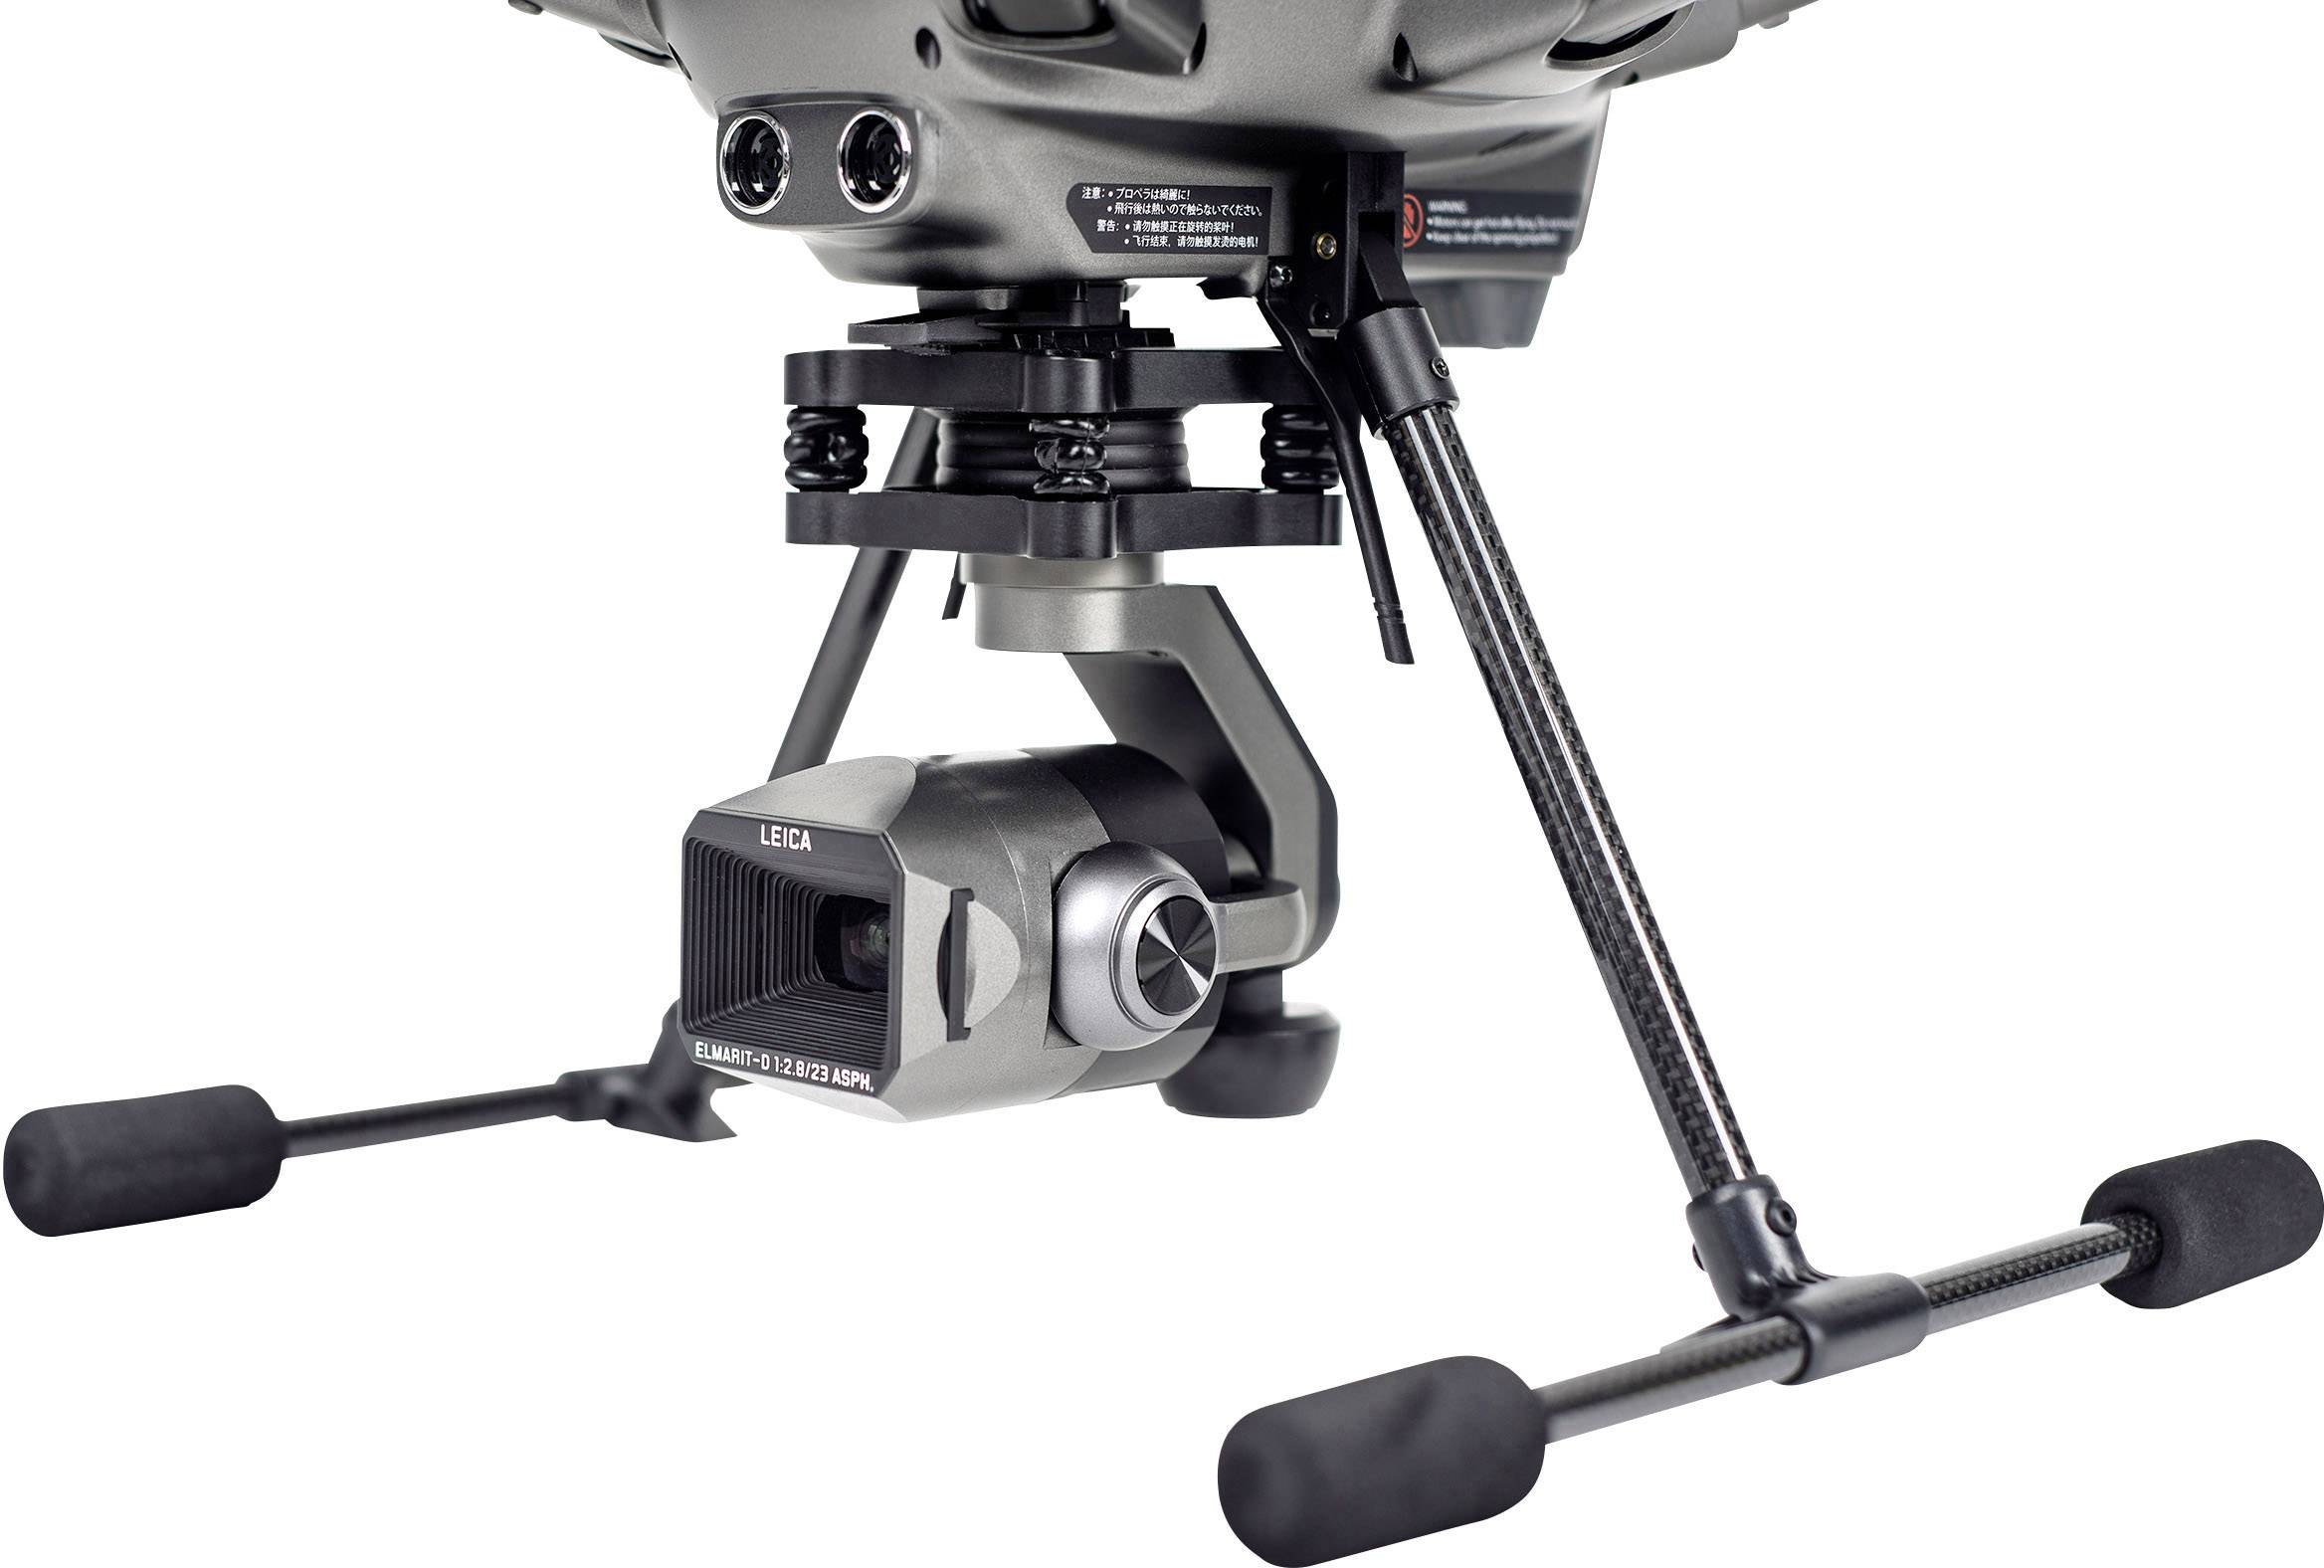 Kameraaufhängung per Gimbal